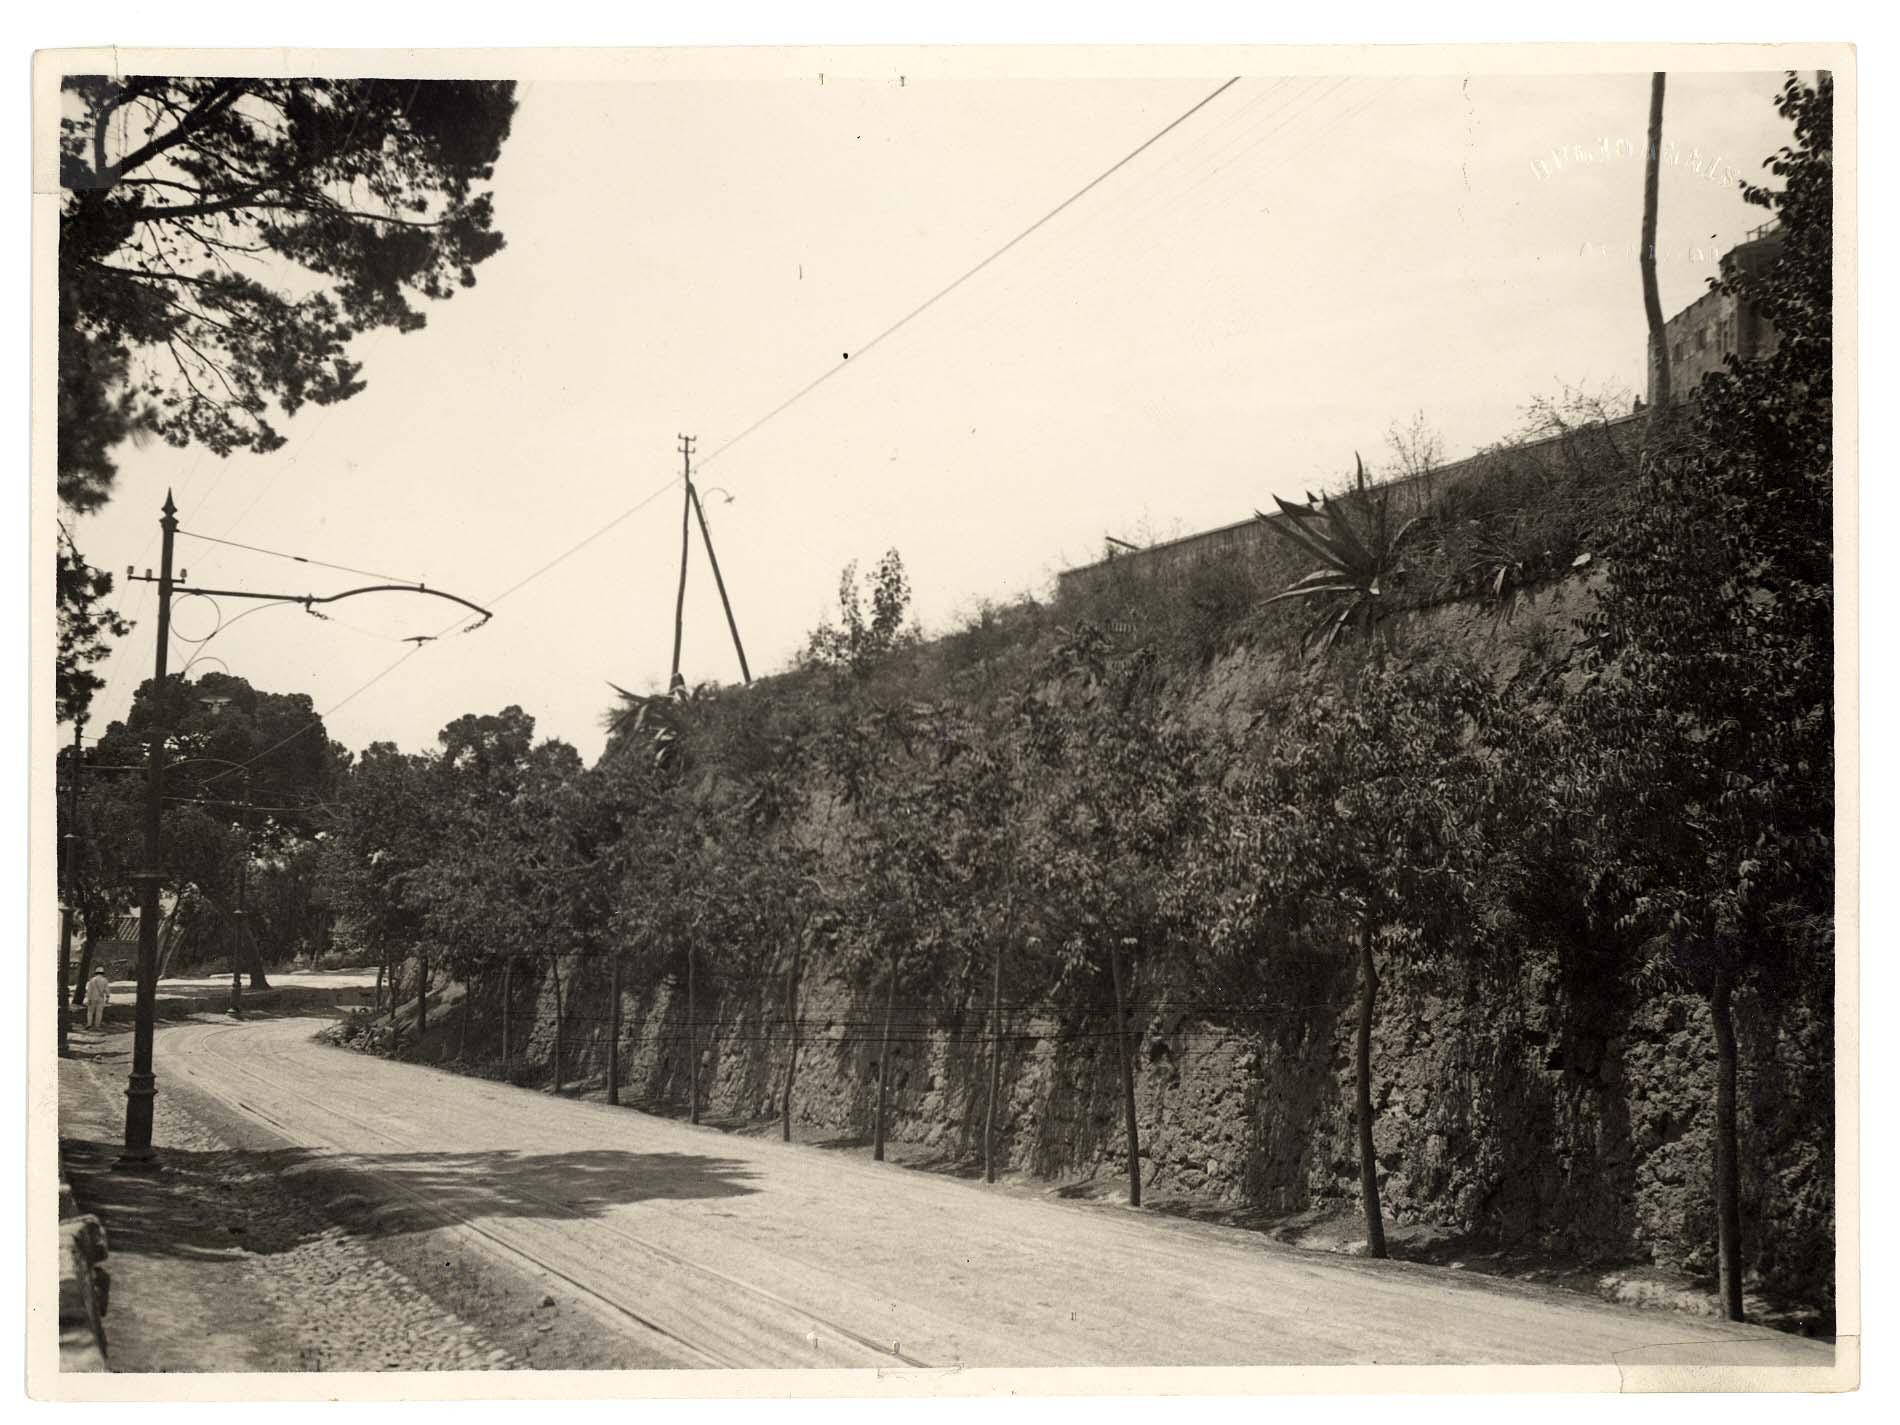 Archivio Comunale - 1930 - Topografia_jpg_foto 0014 1-3